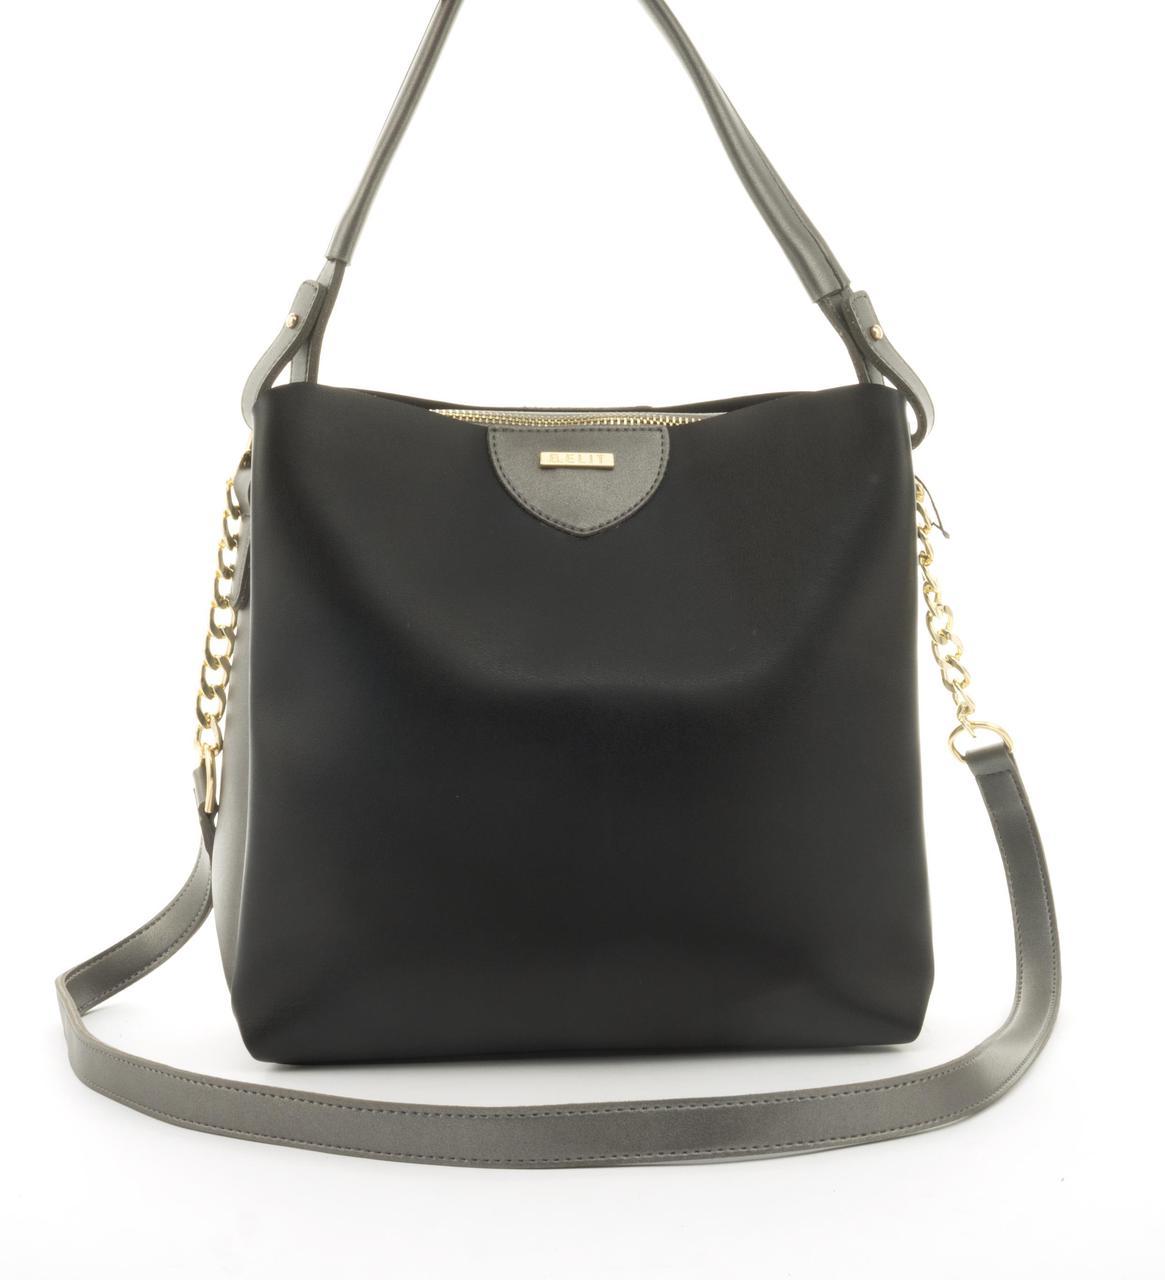 Оригинальная качественная суперстильная сумка с эко кожи очень высокого качества B.Elite art. 08-21 черн/сереб